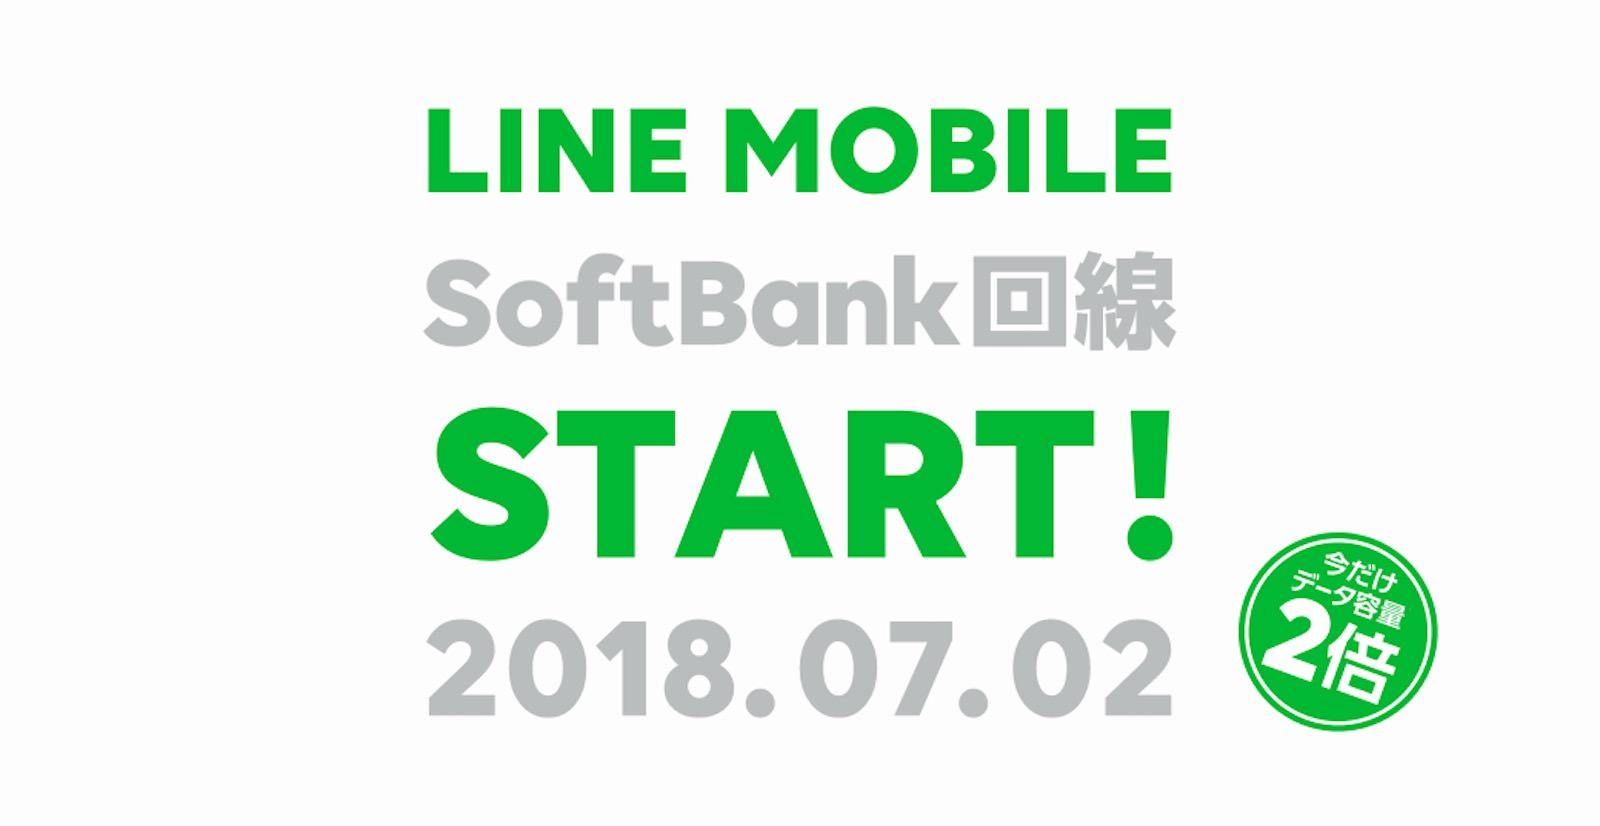 LINE-Mobile-Softbank-Start.jpg